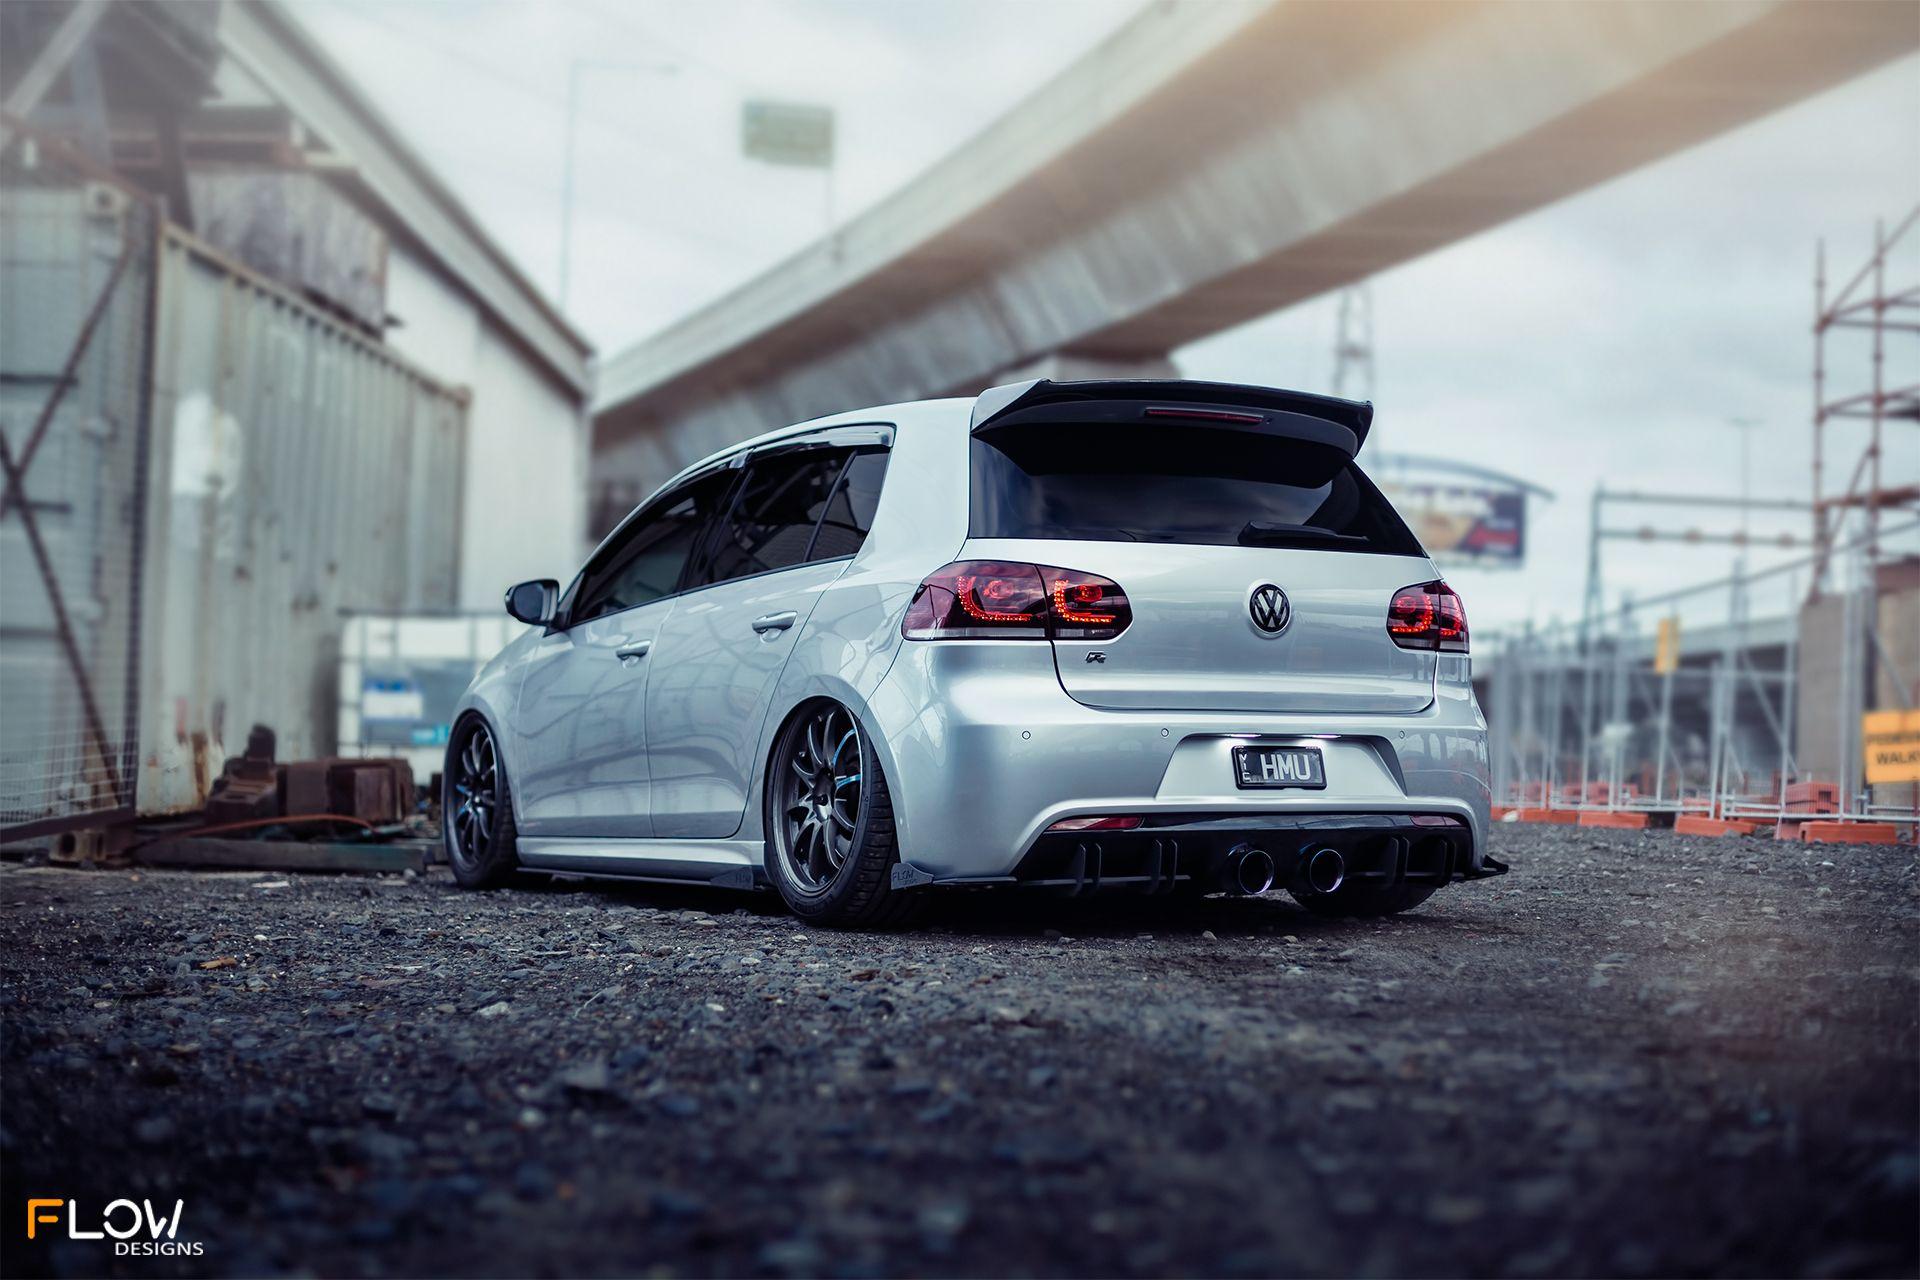 Volkswagen Mk6 Golf R Splitter Kit In 2020 Volkswagen Volkswagen Golf R Golf